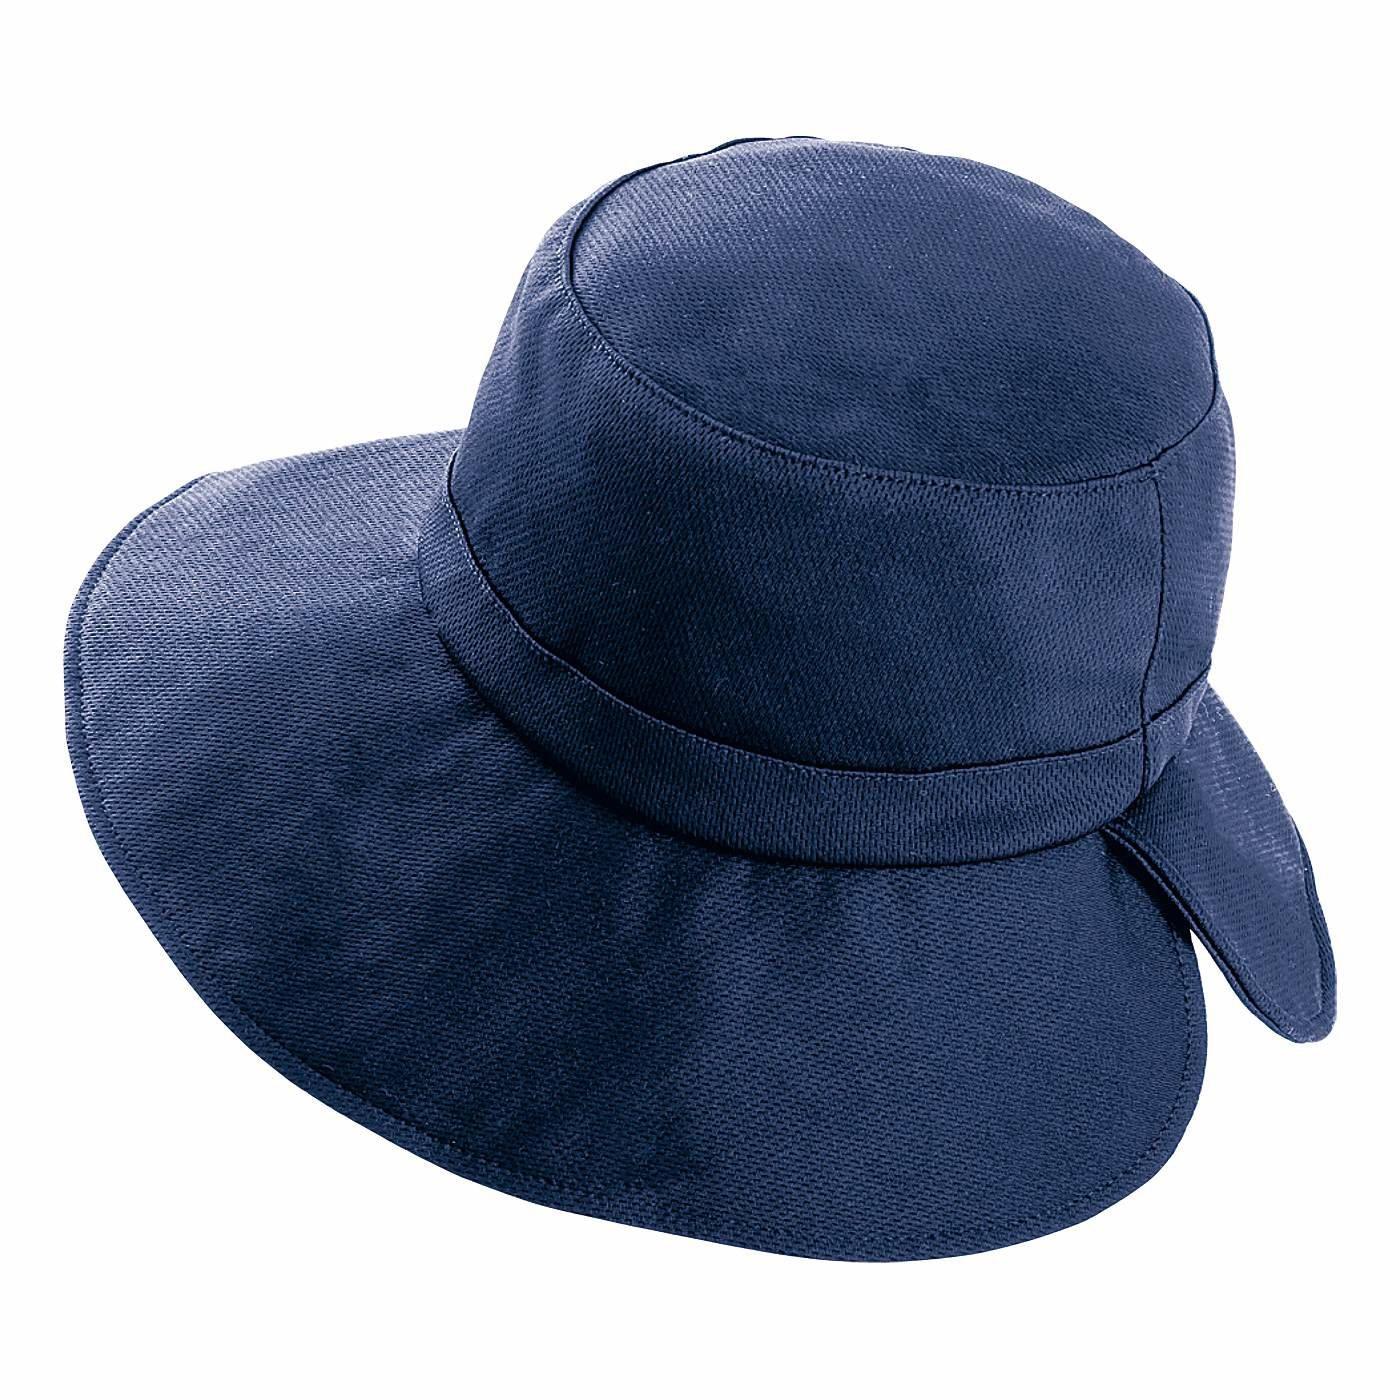 水にぬらしてクールダウン 猛暑対策 フレフレUVカットつば広帽子